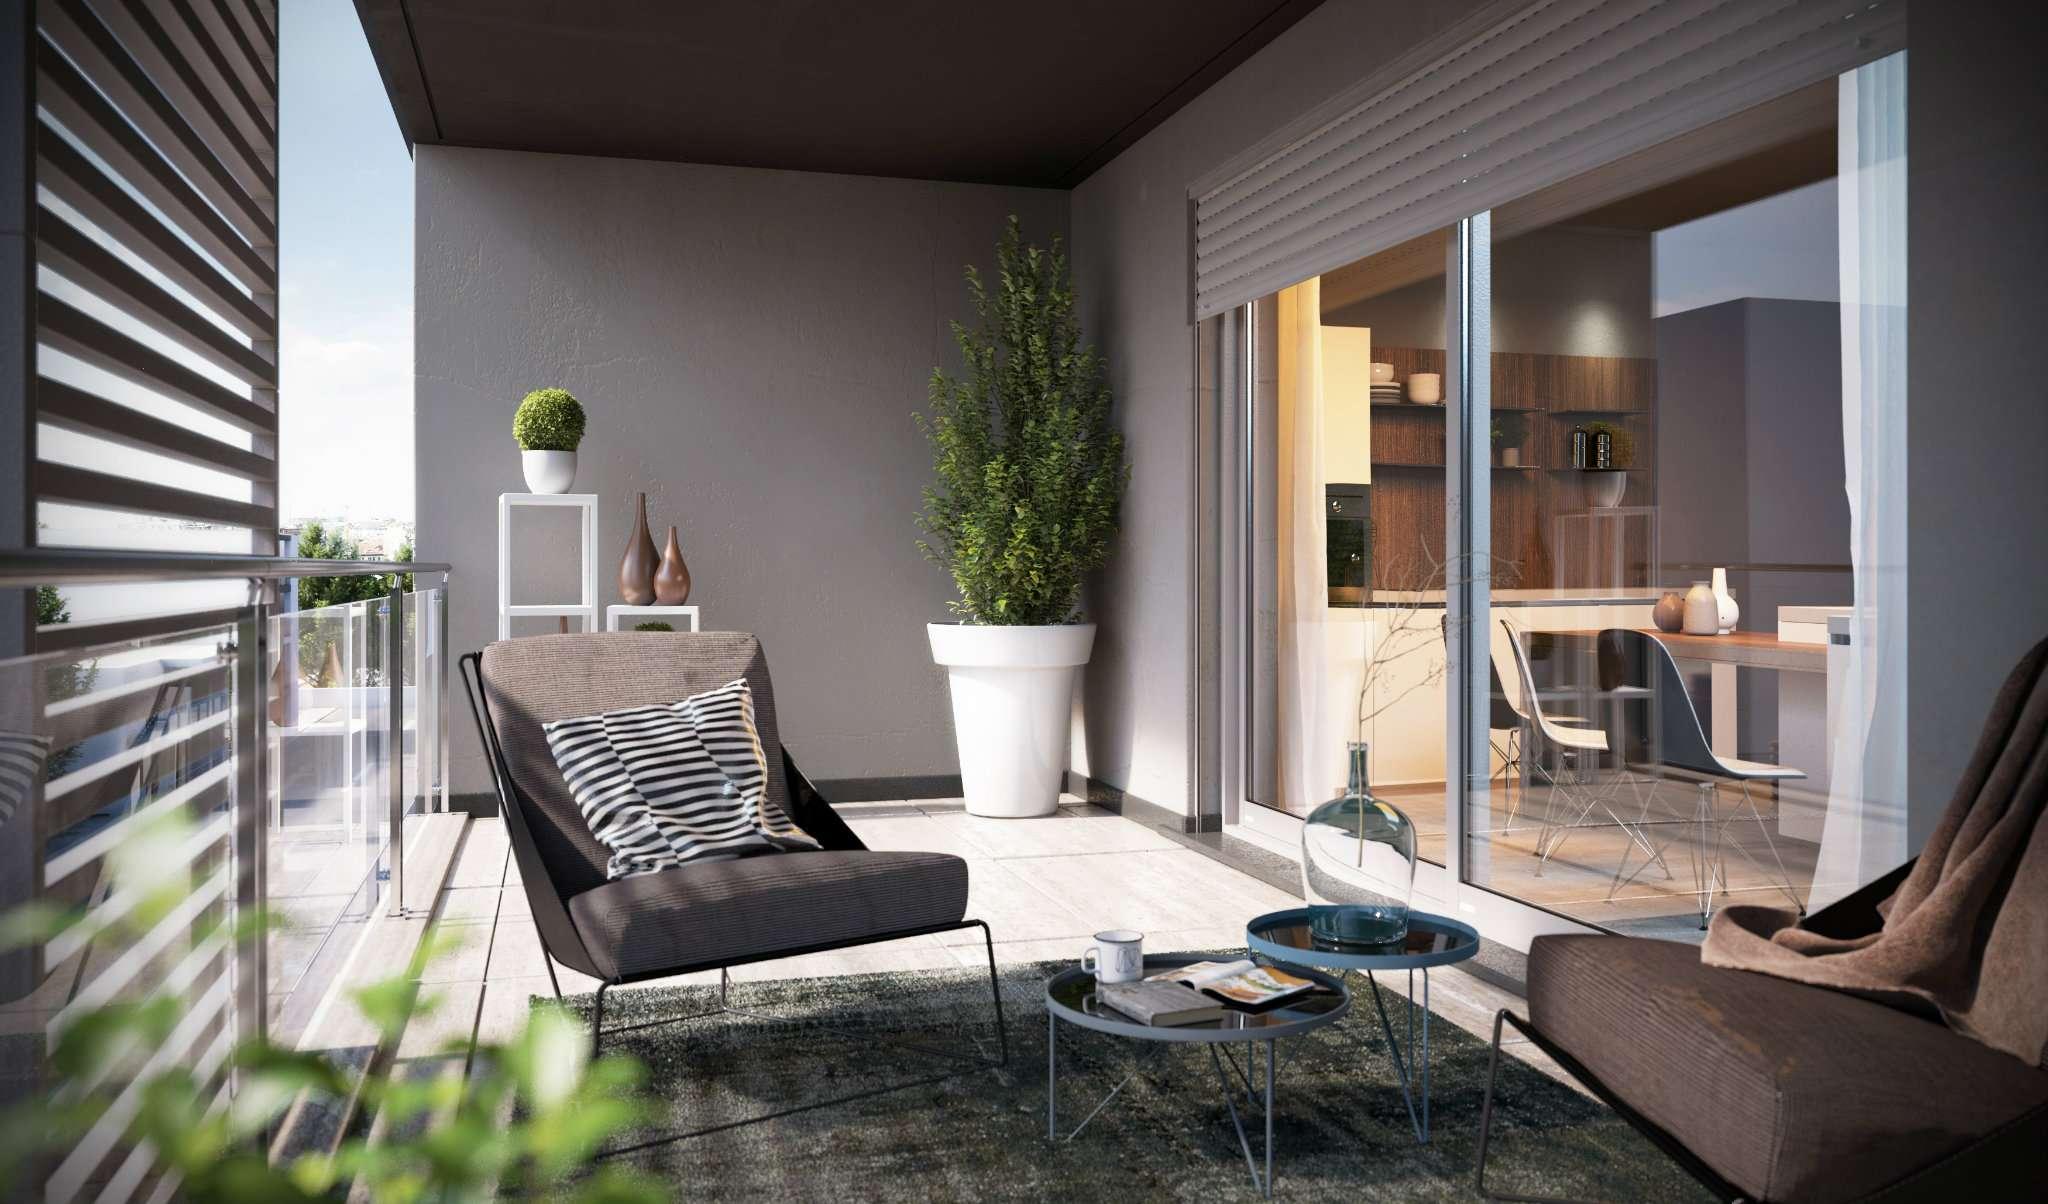 Attici in vendita a milano trovocasa for Appartamenti in vendita a milano